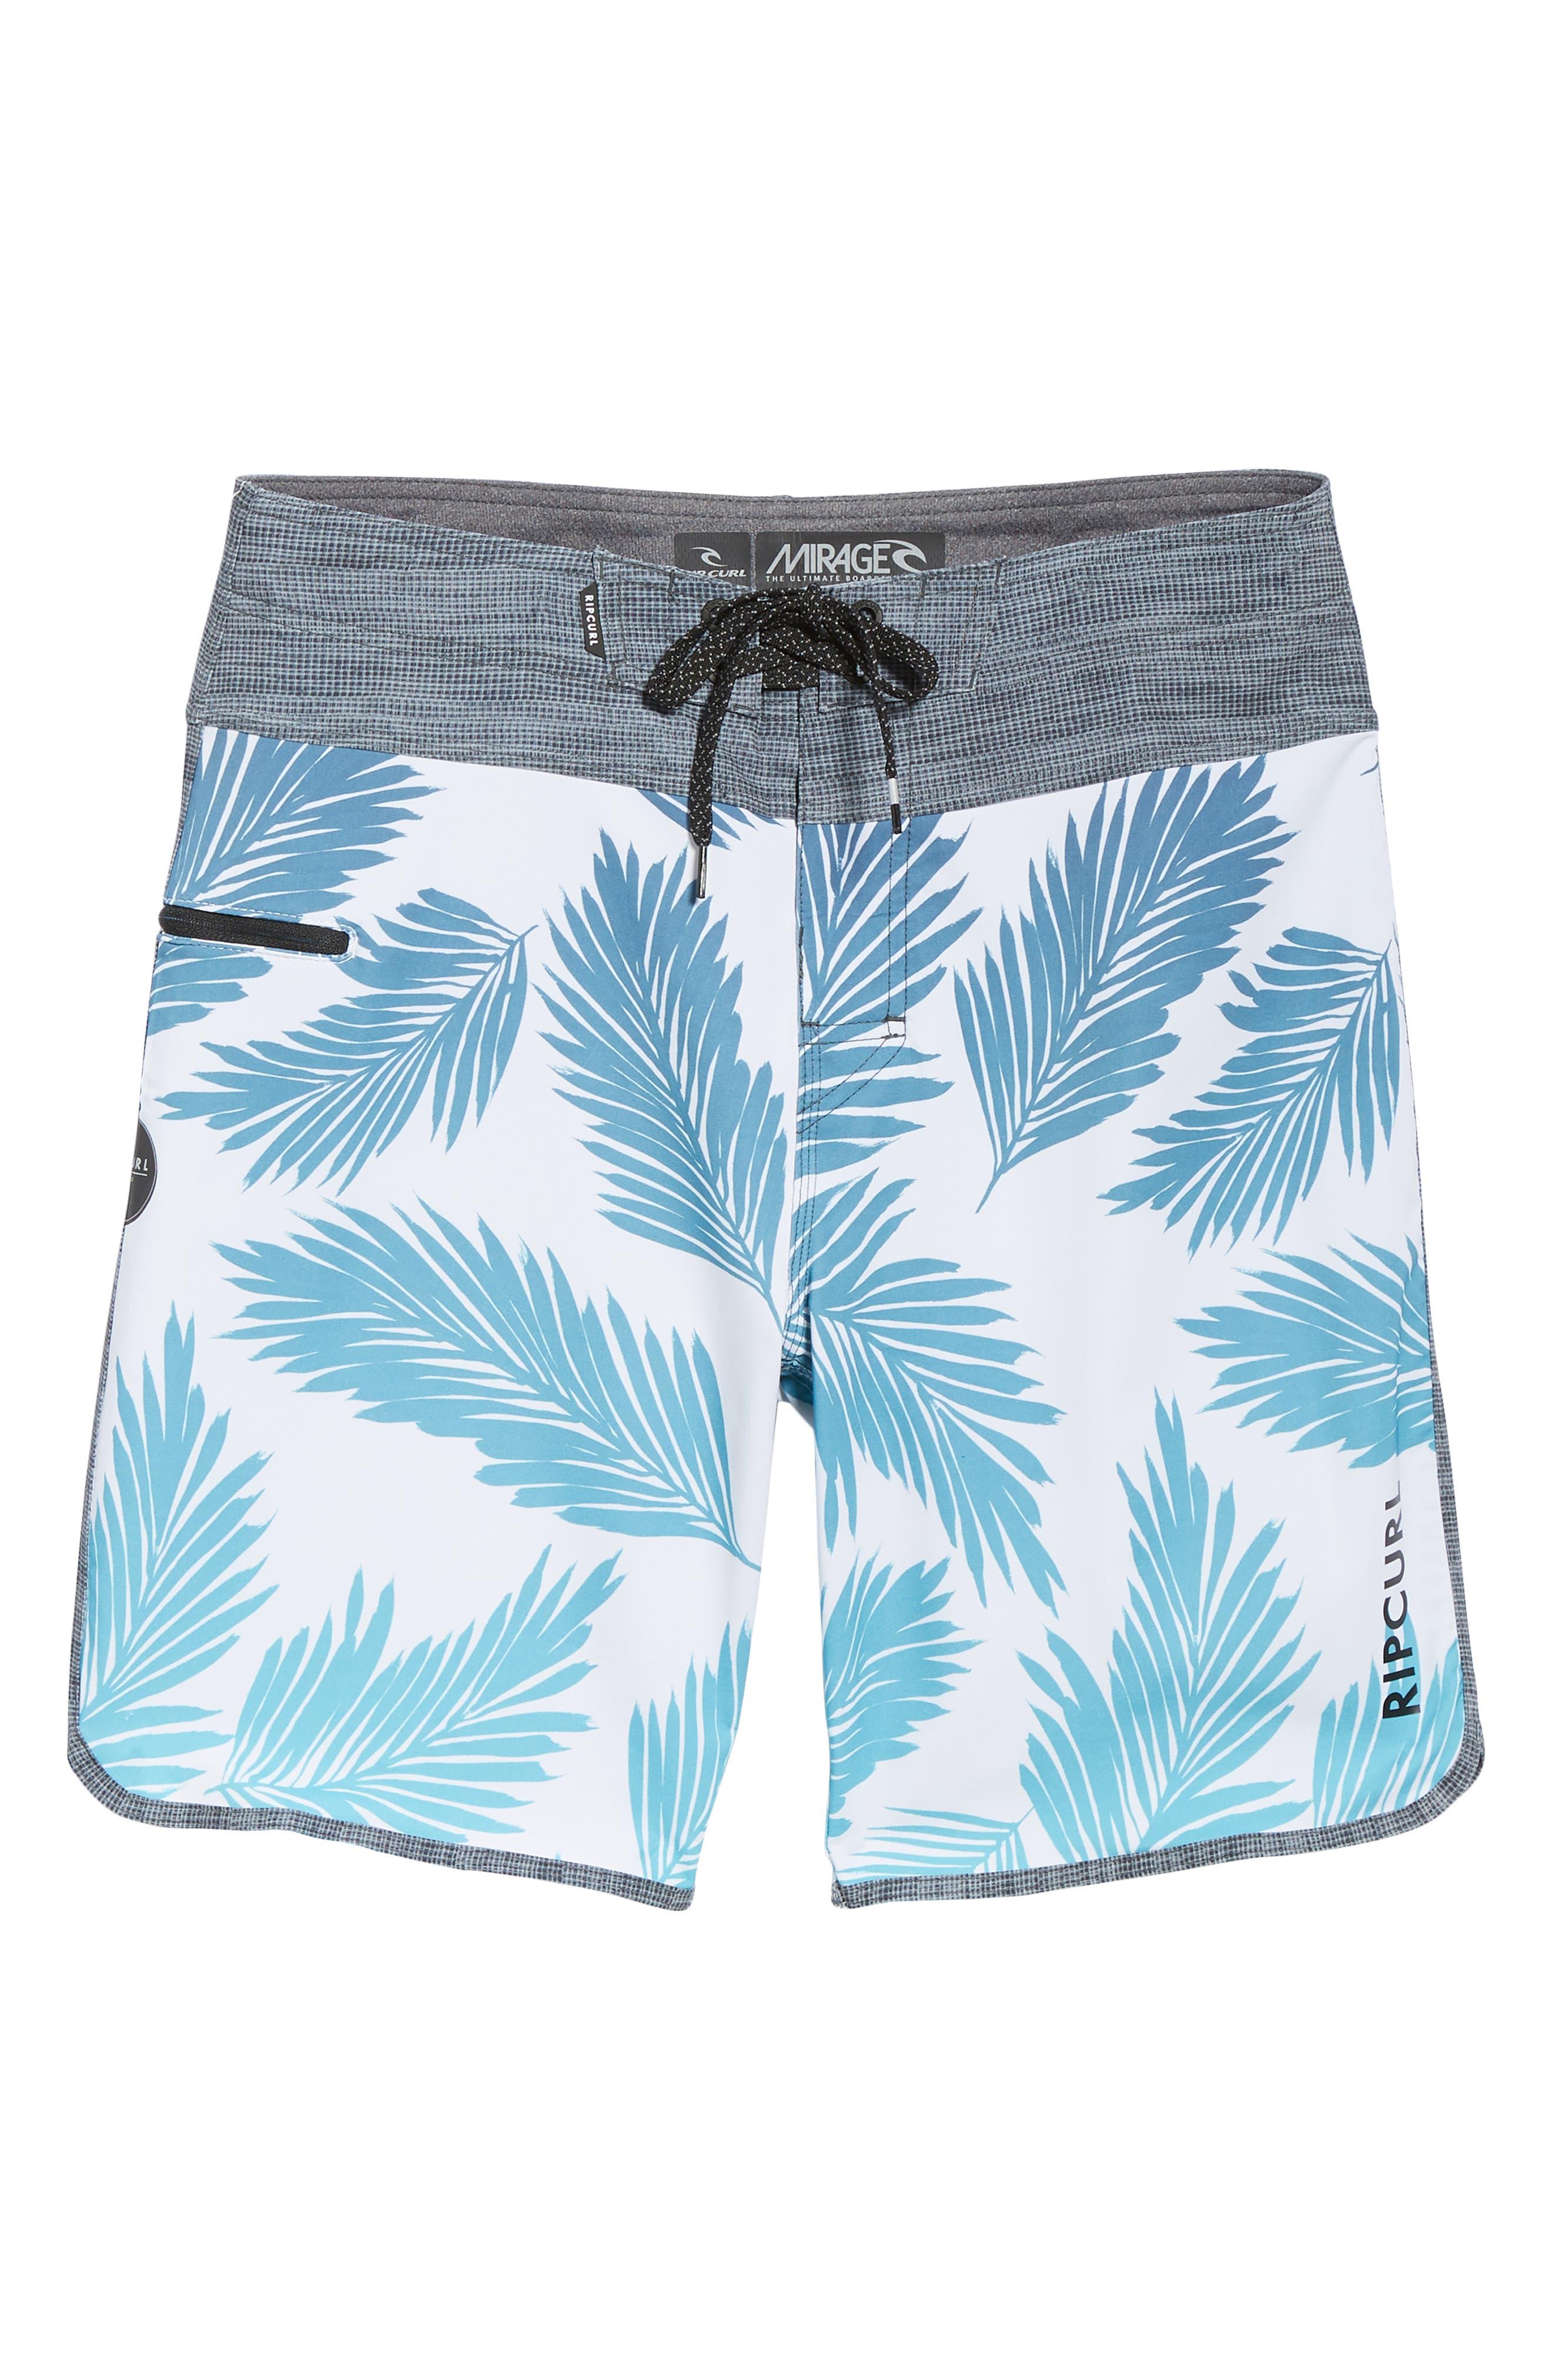 Mirage Mason Rockies Board Shorts,                             Alternate thumbnail 18, color,